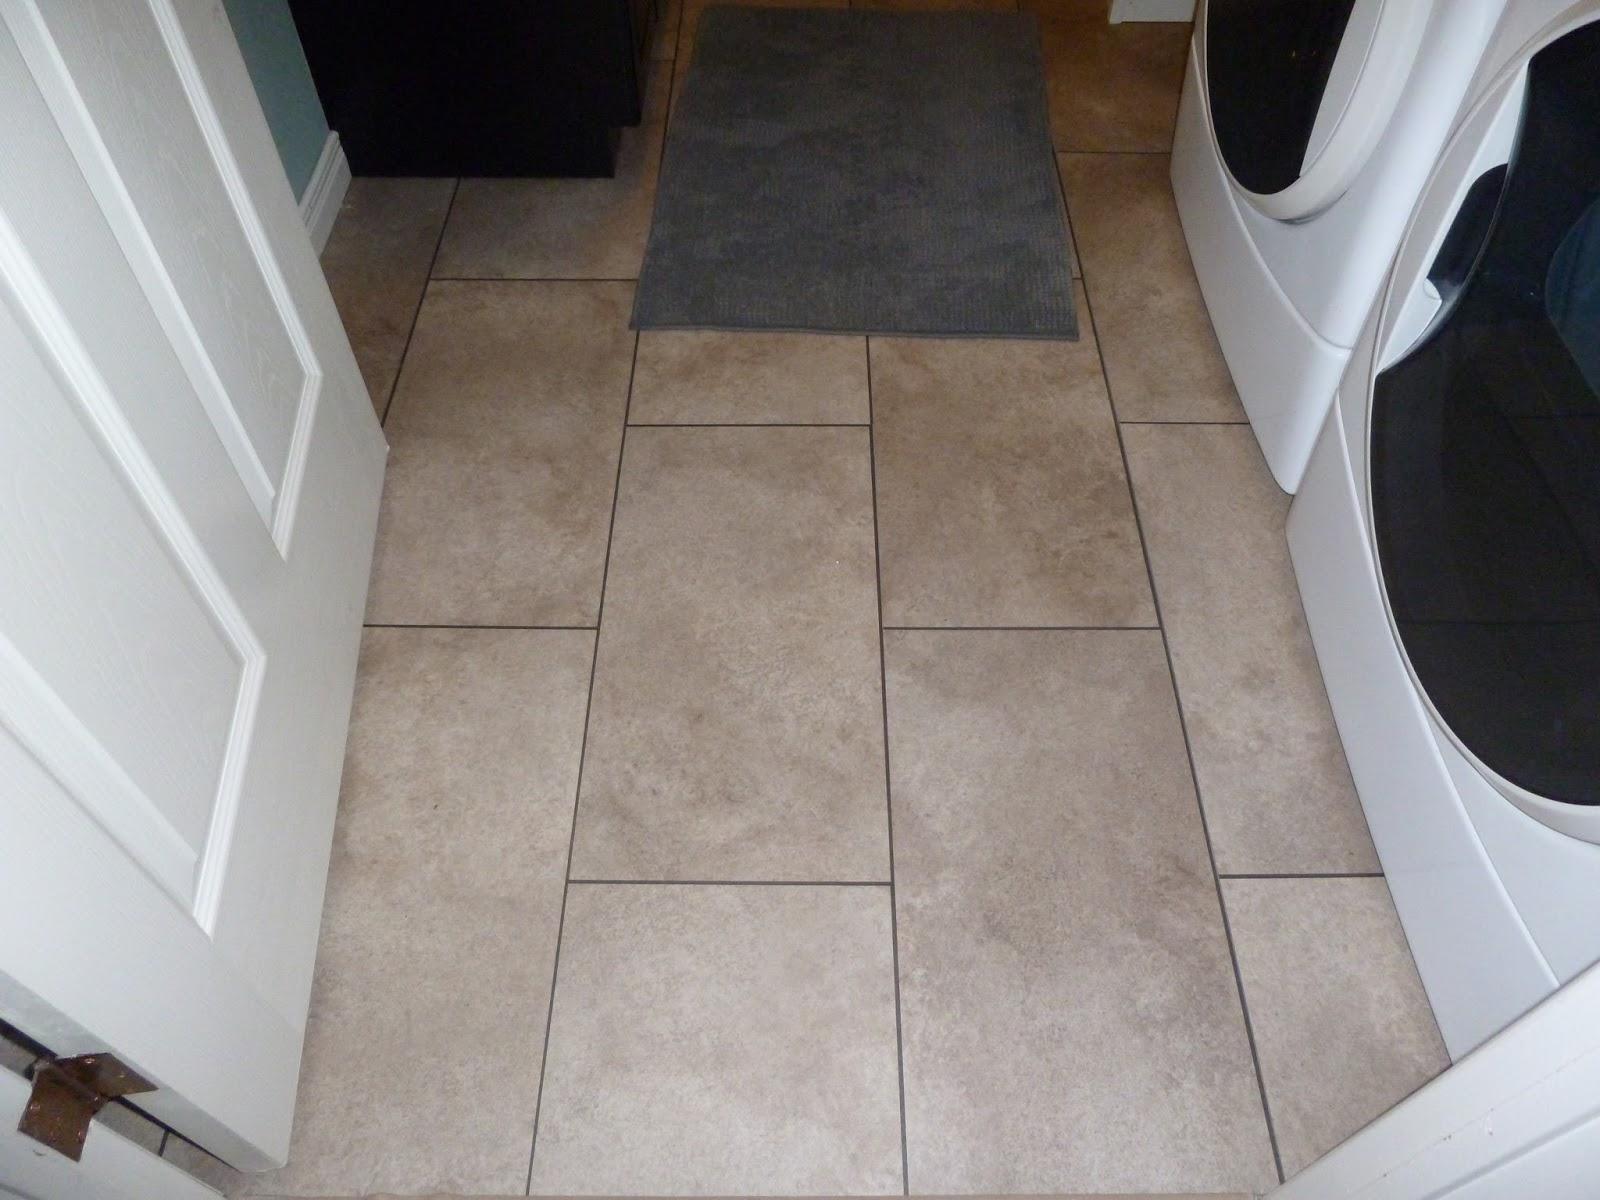 Pats coffee shop bathroom reno for Bathroom floor covering